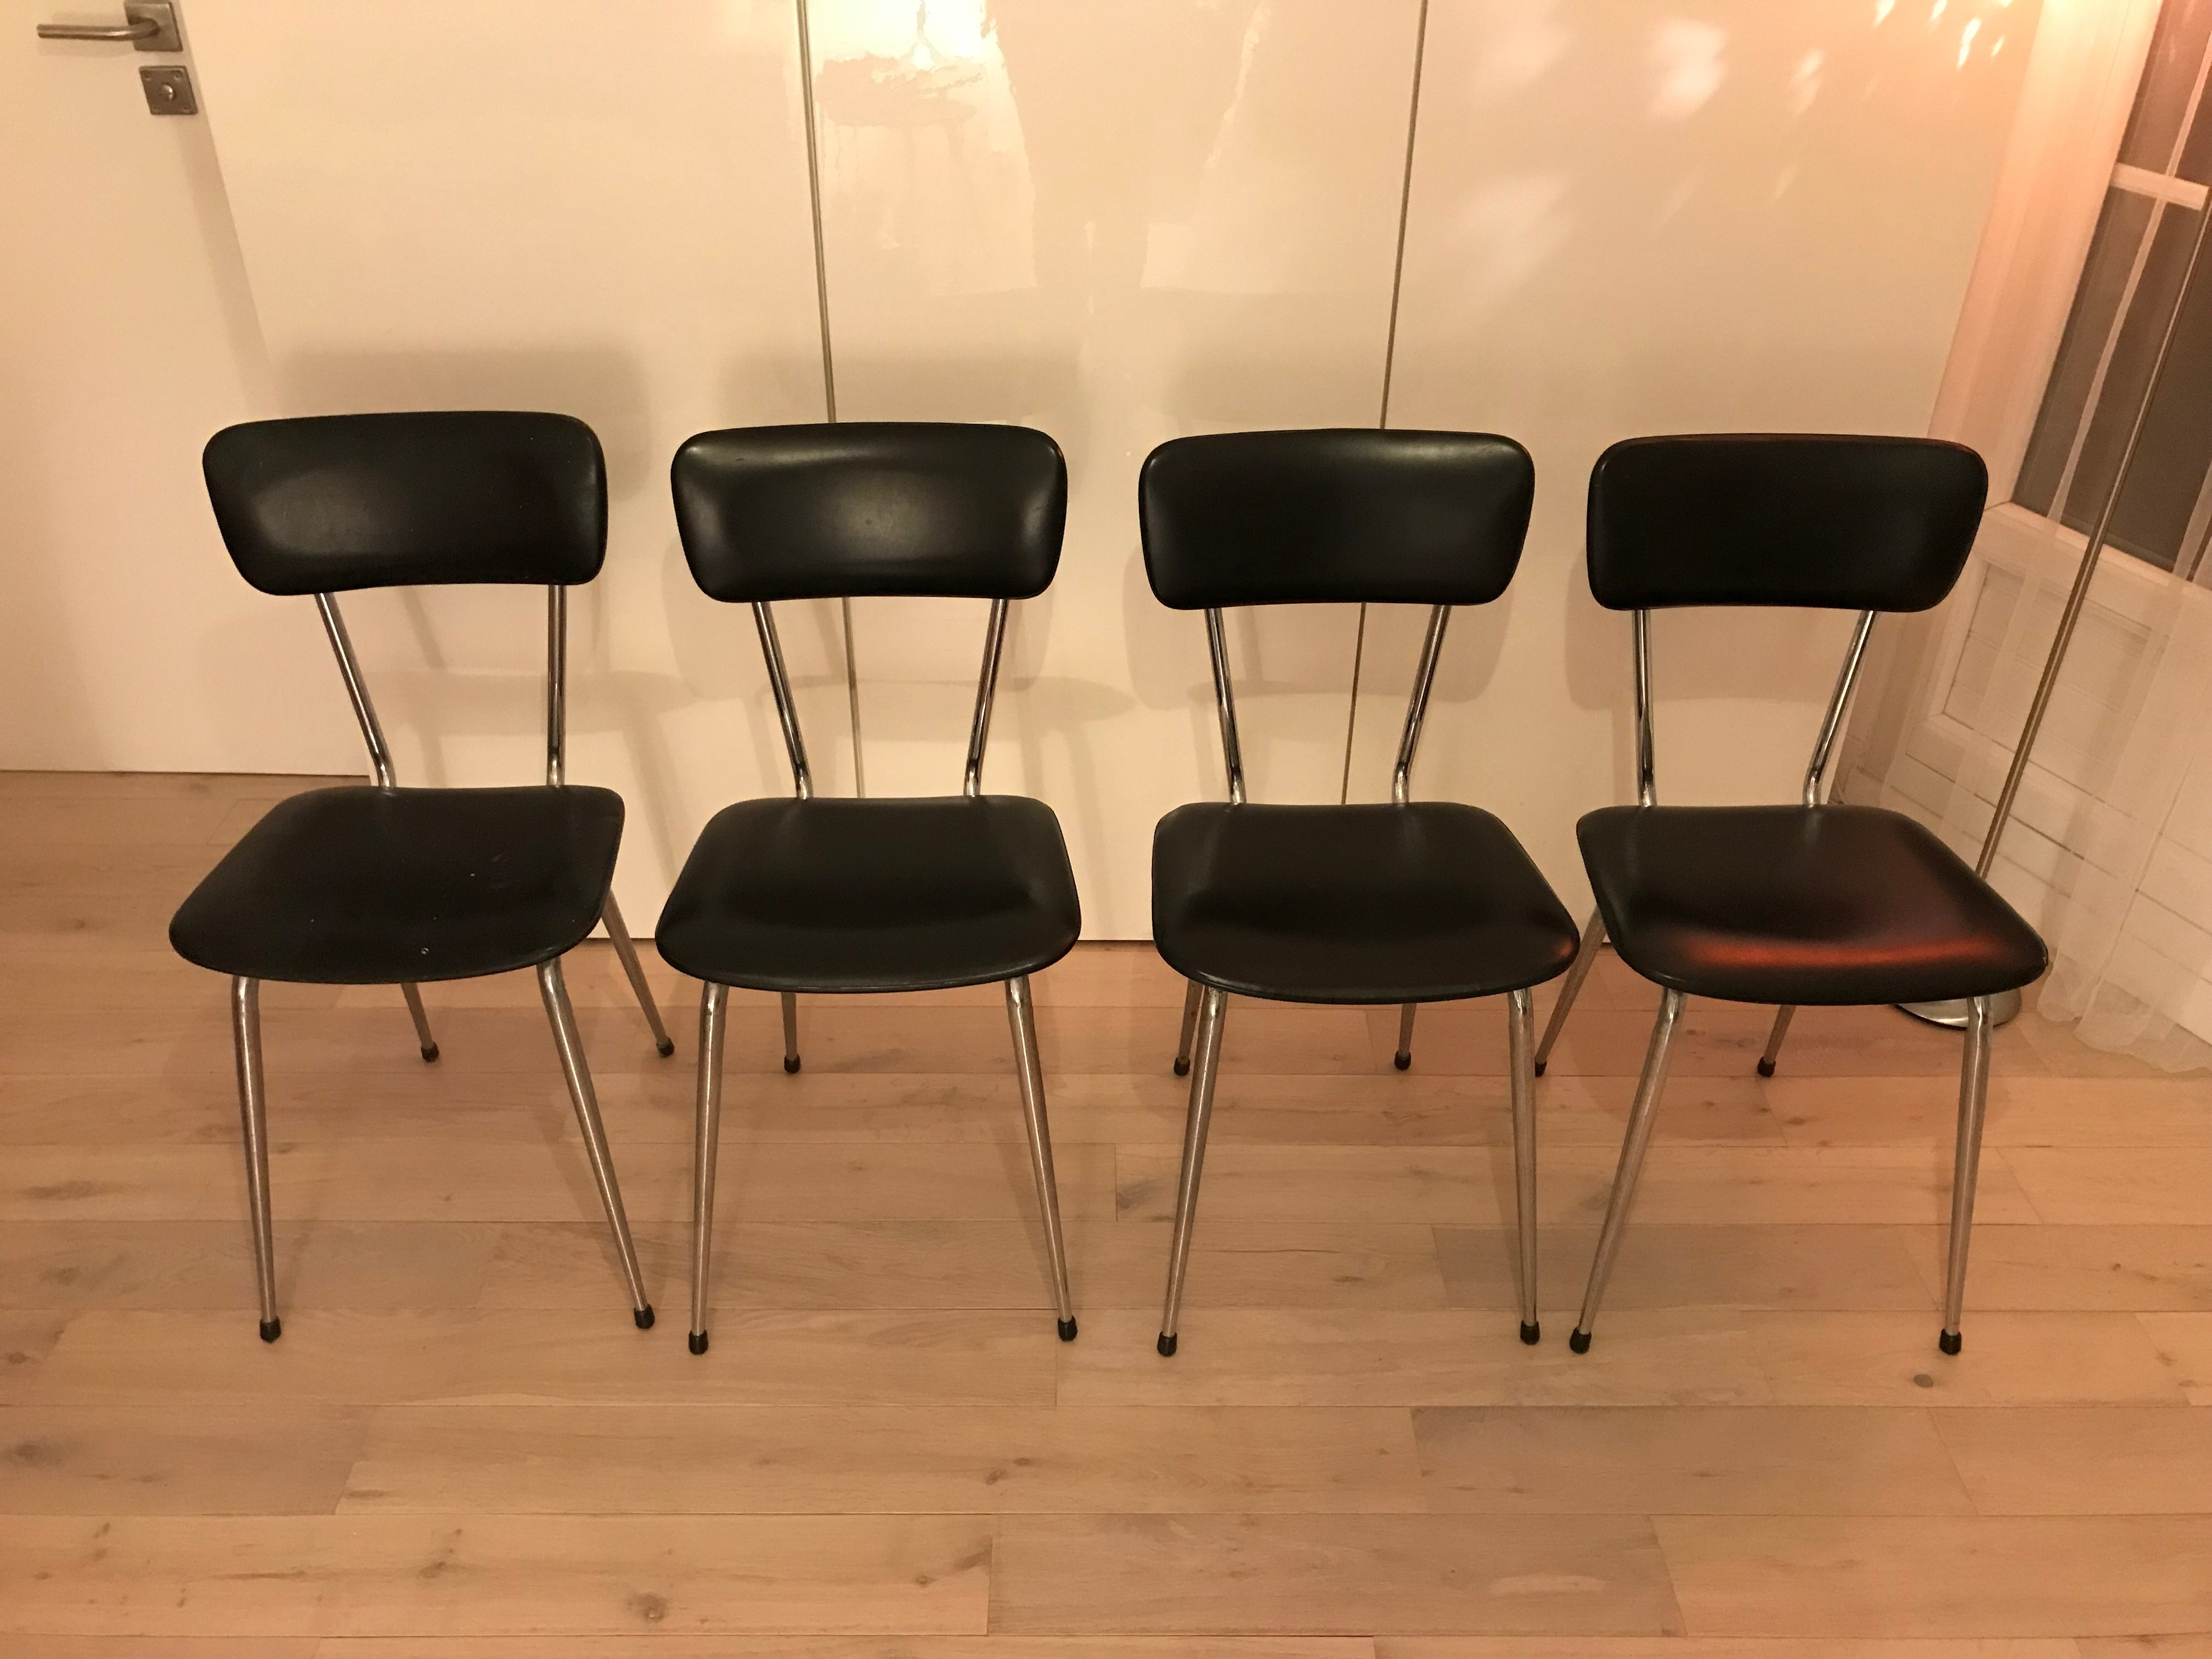 Chaises tube métallique et simili cuir noir Années 70